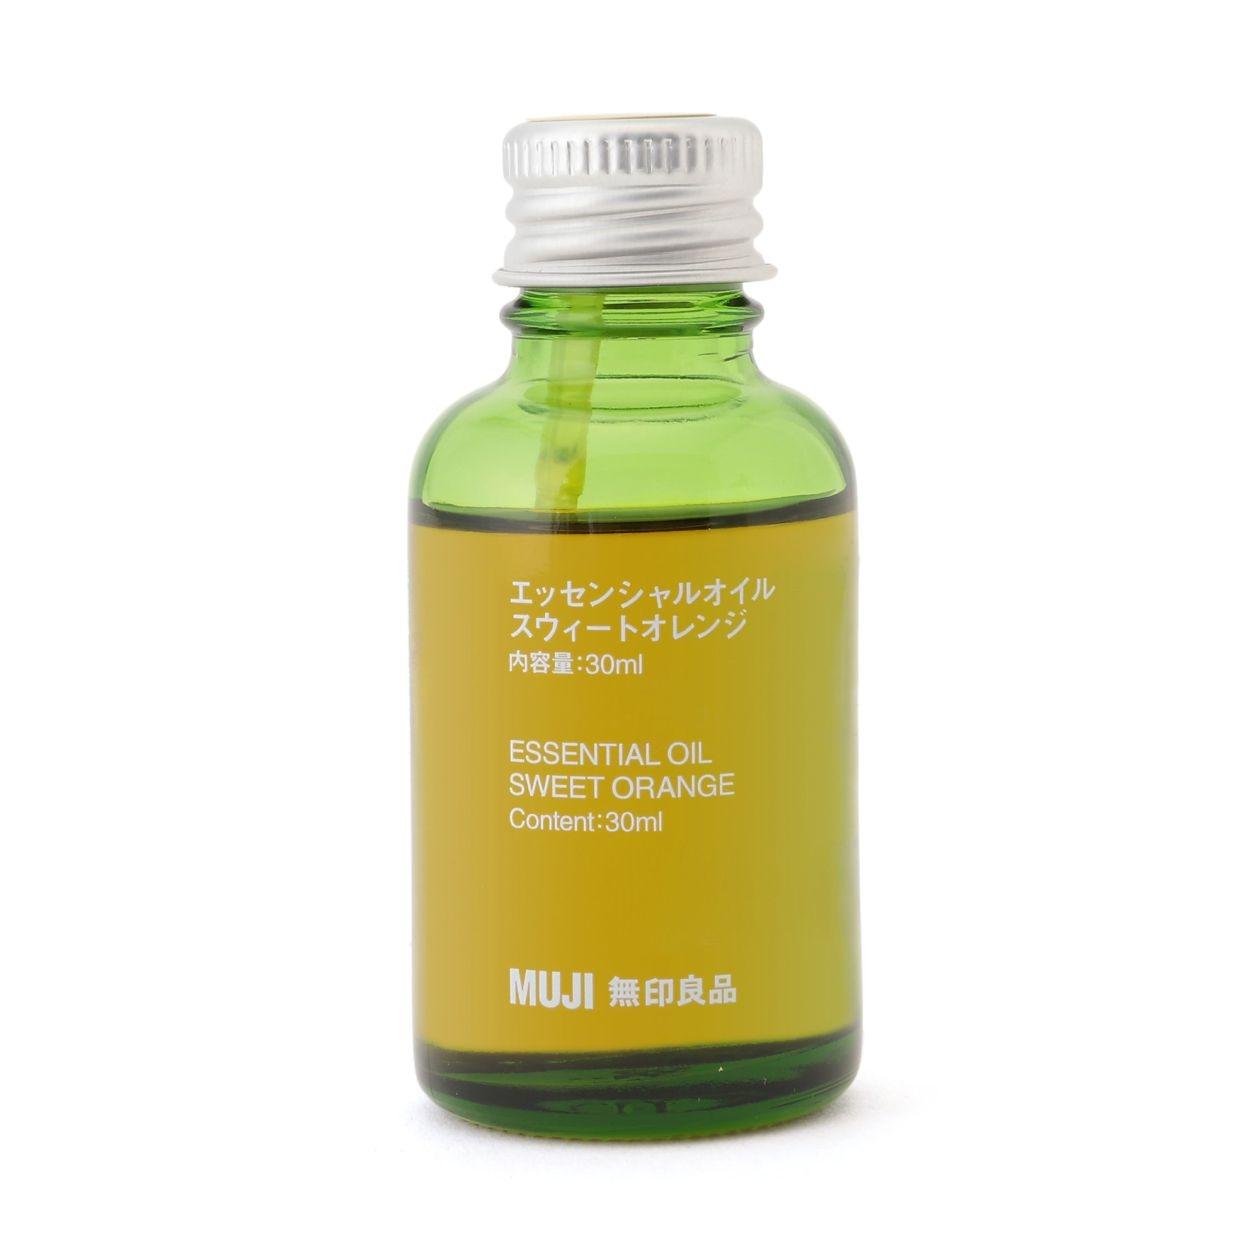 精油/甜柑橘 30ml | 無印良品